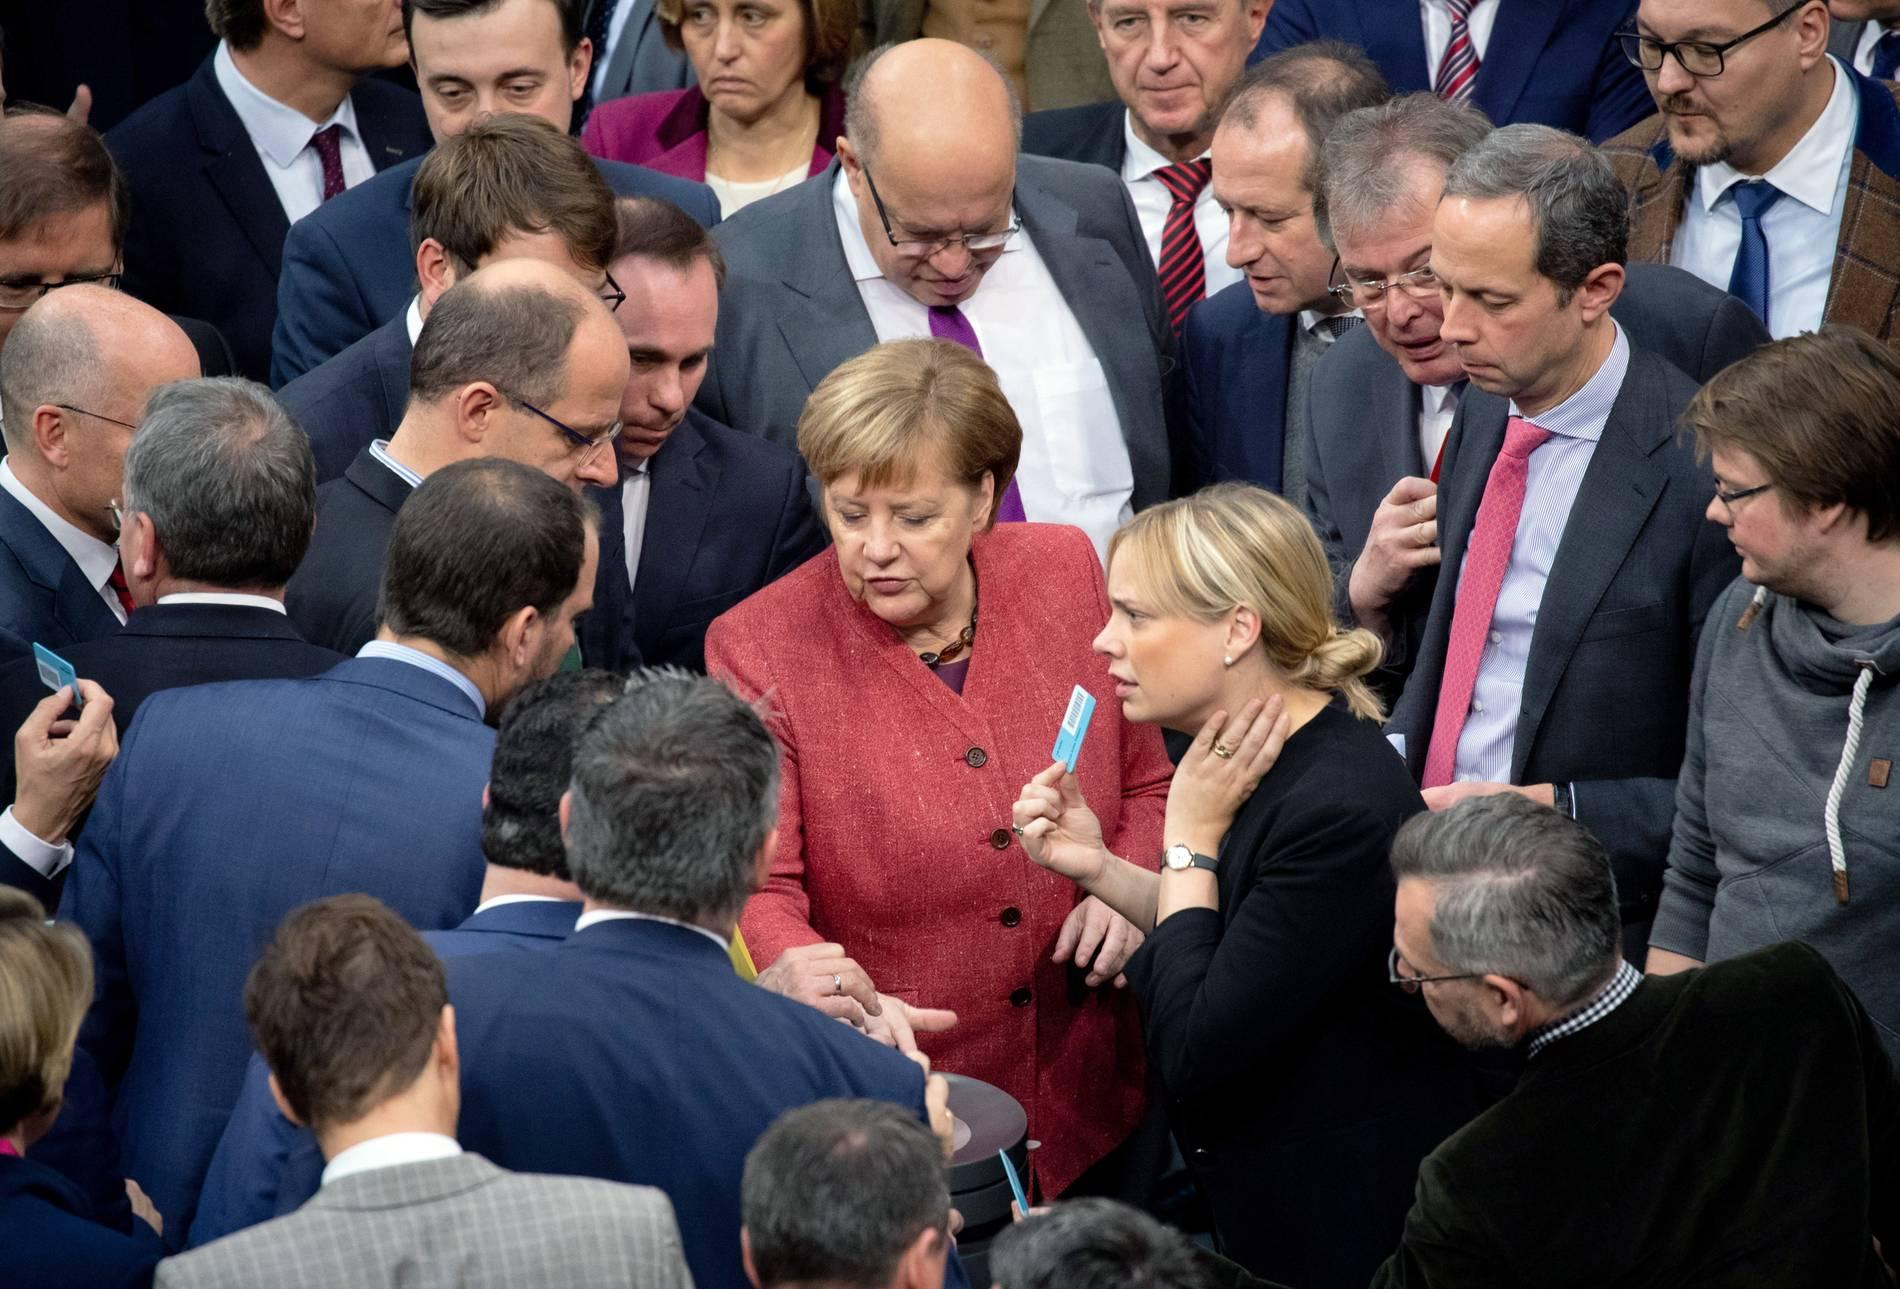 Bundestag stellt sich mehrheitlich hinter UN-Migrationspakt